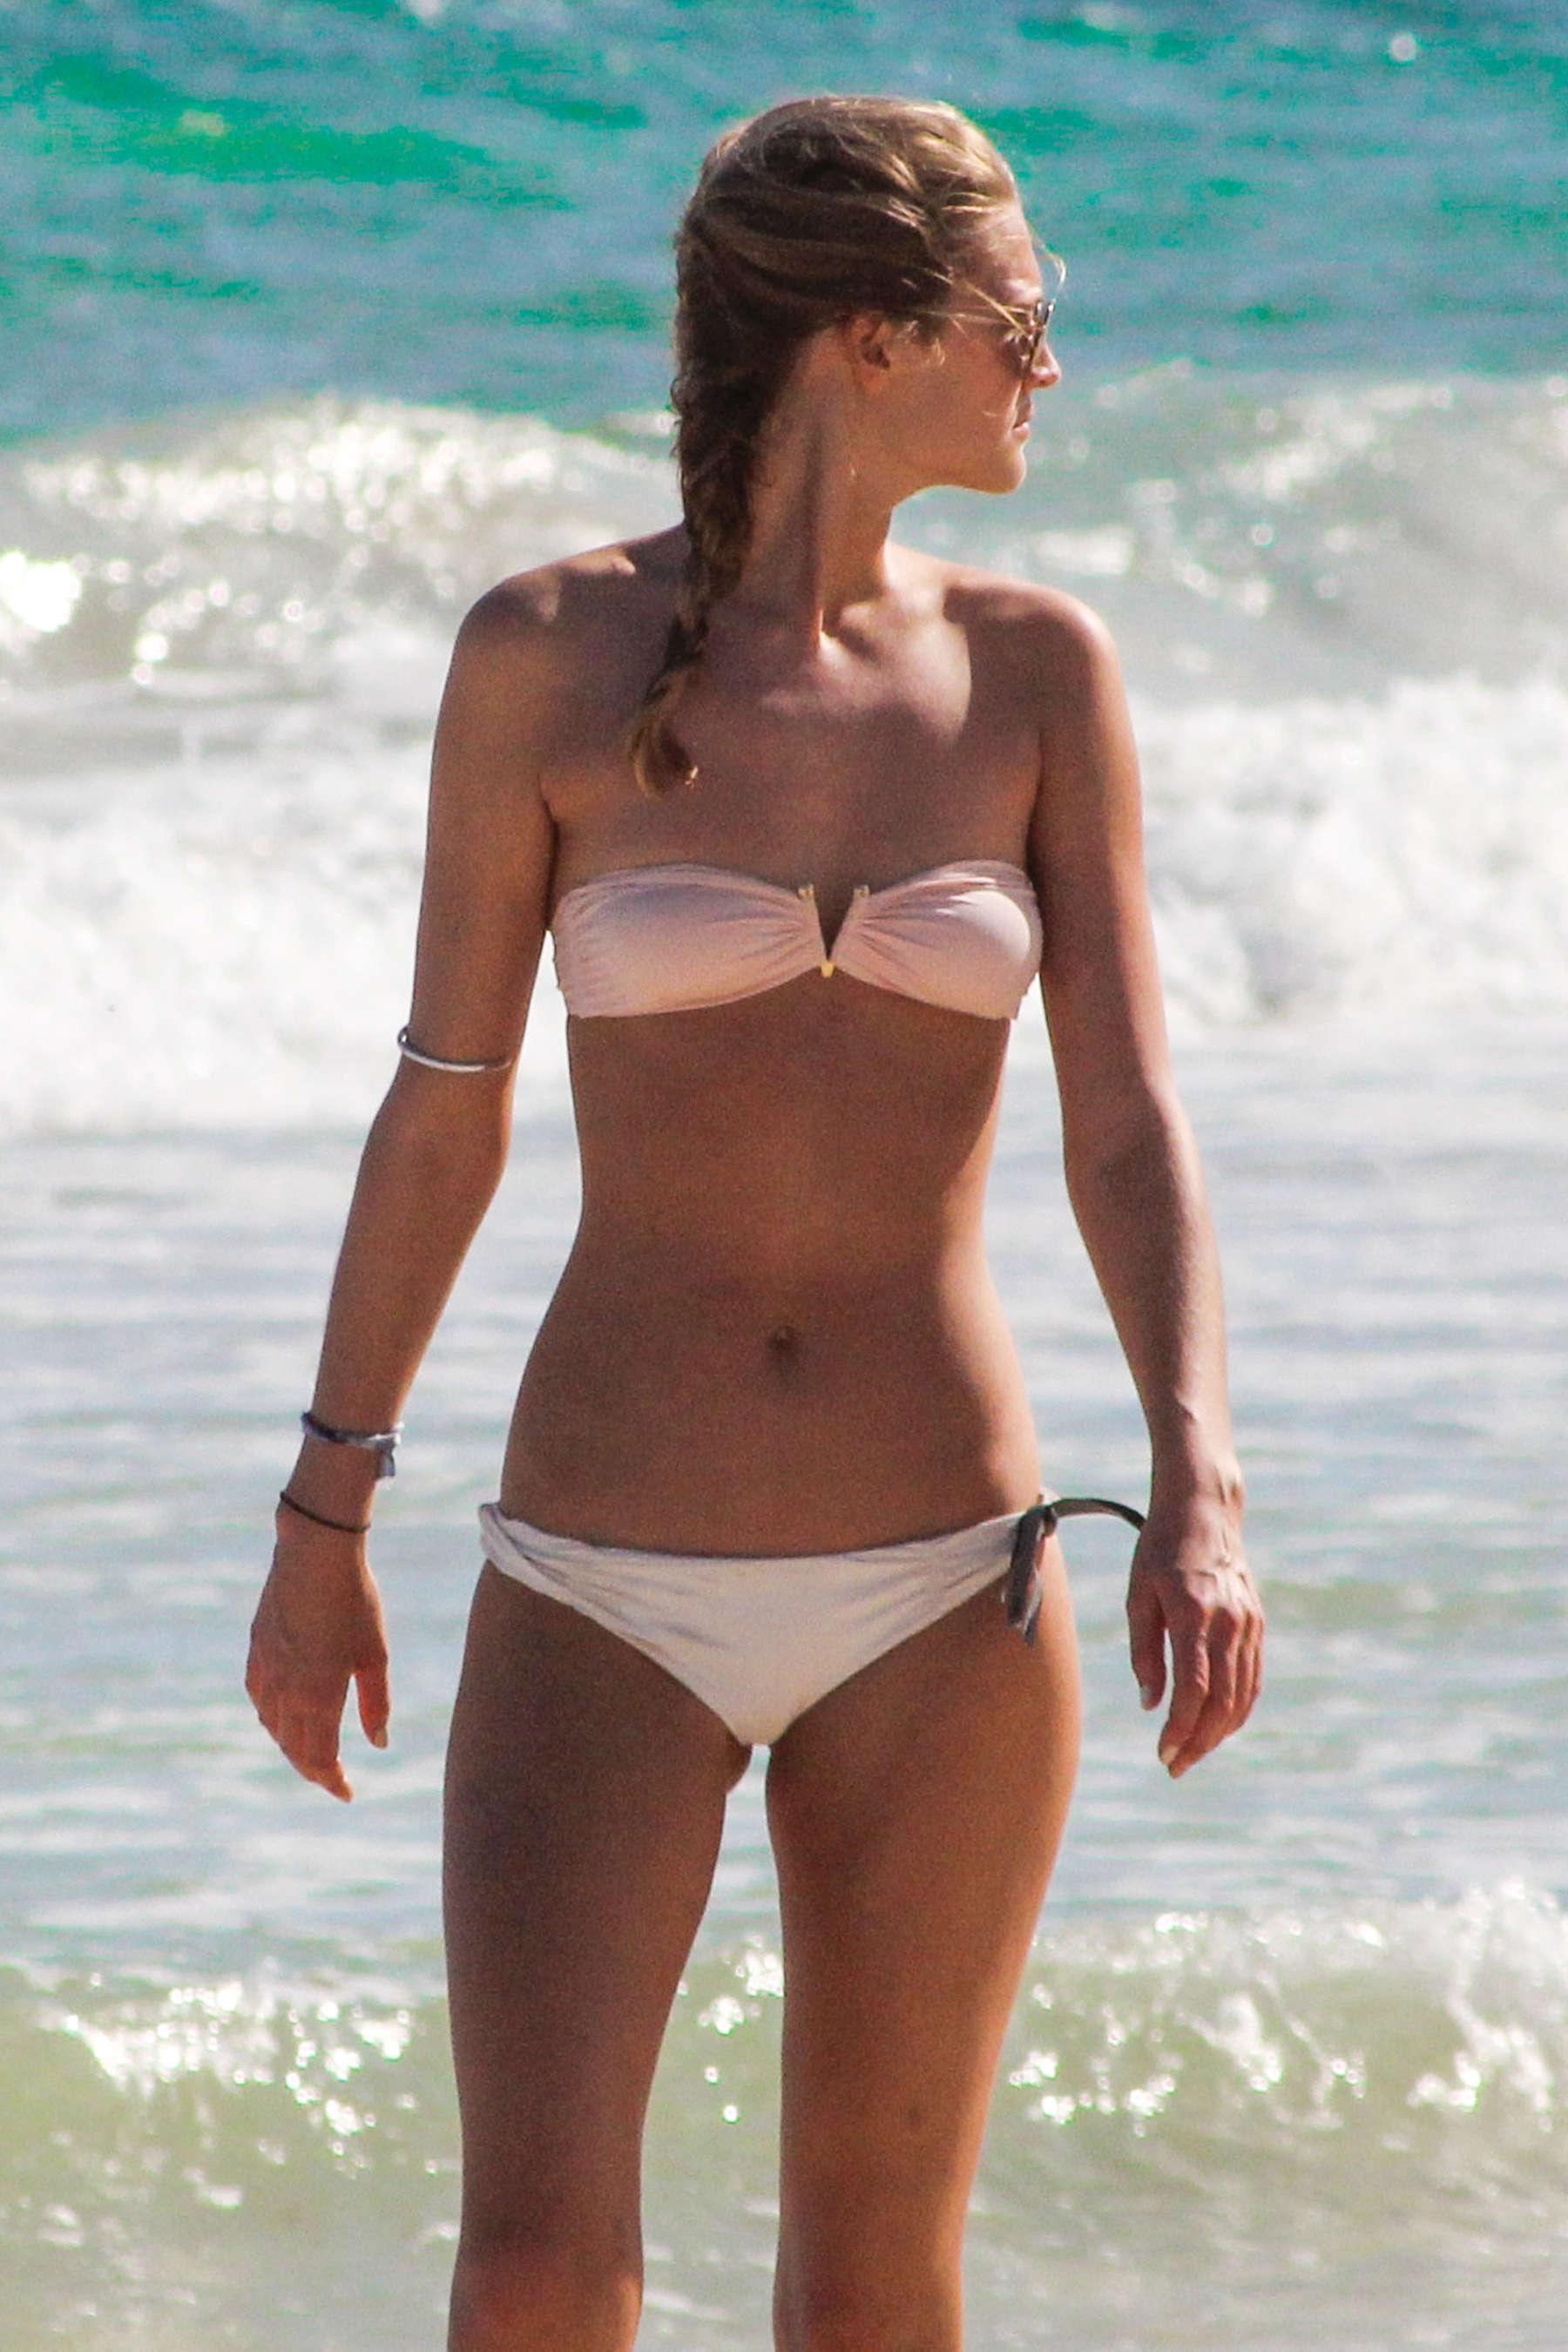 Toni Garrn in Bikini on the beach in Cancun